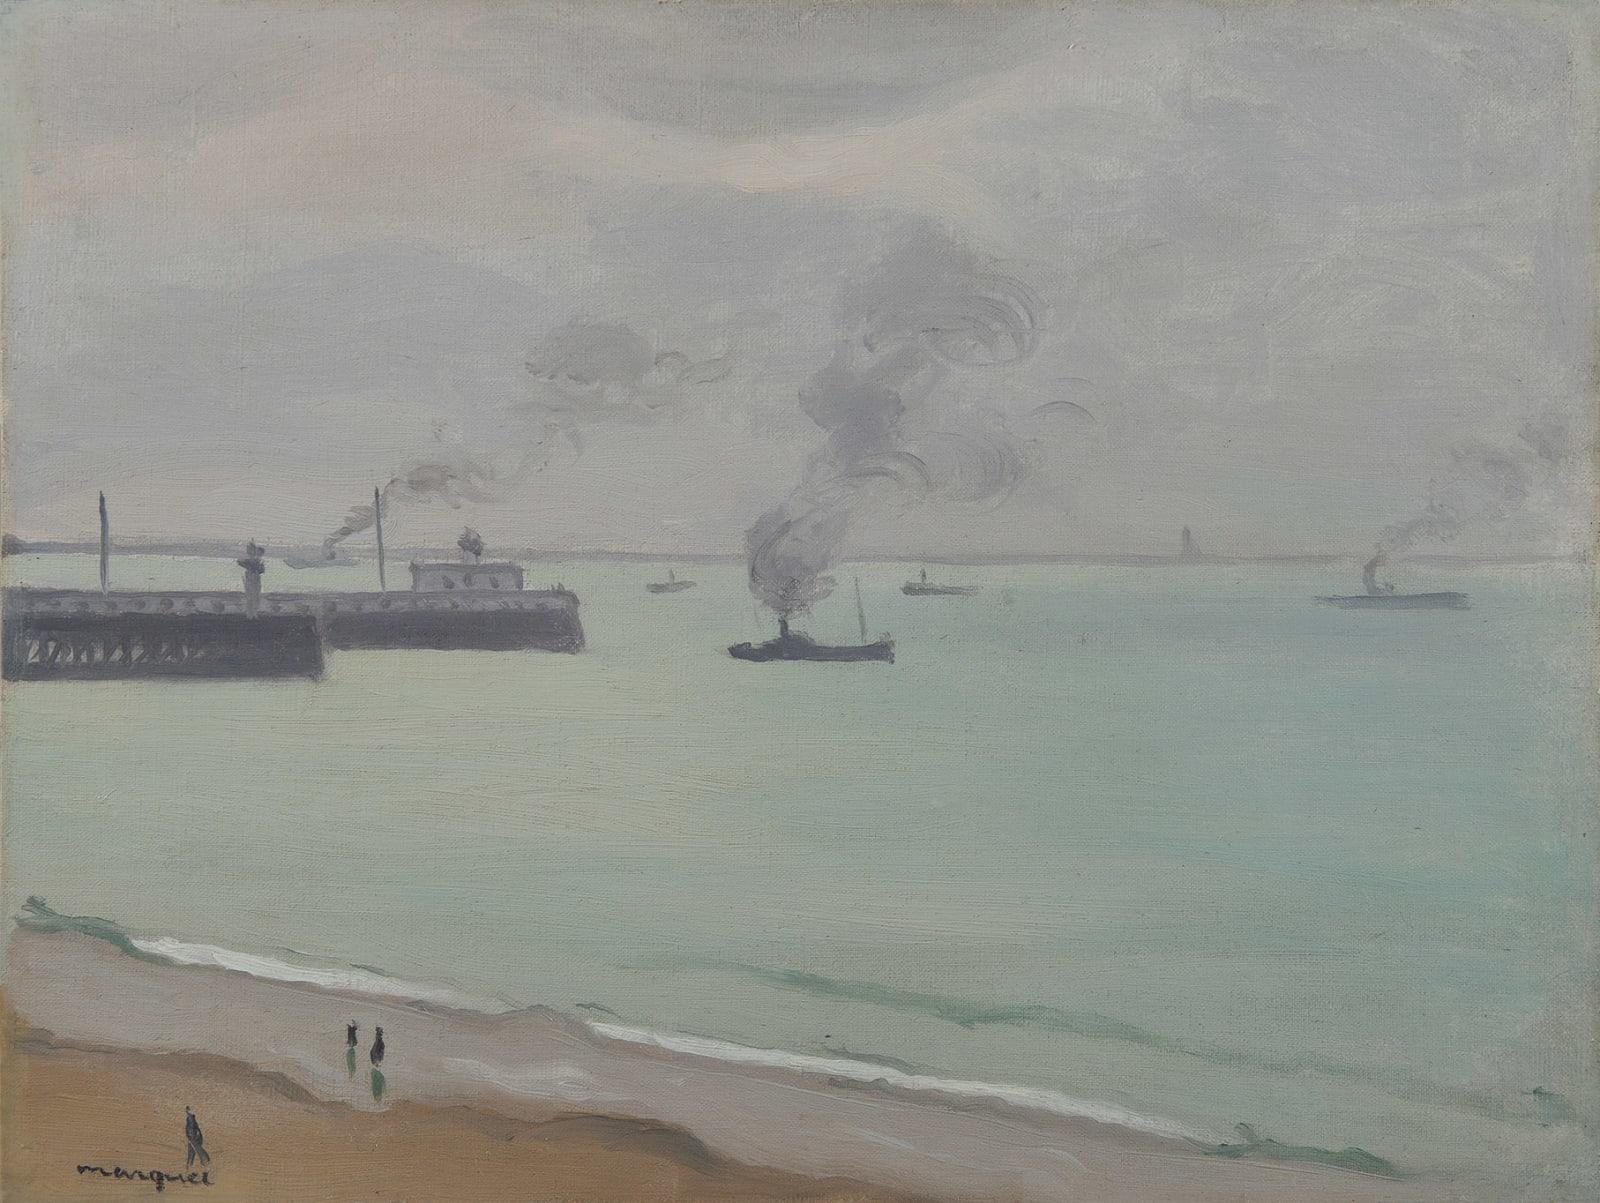 ALBERT MARQUET, Fumées devant les jetées, Boulogne-sur-mer, 1930